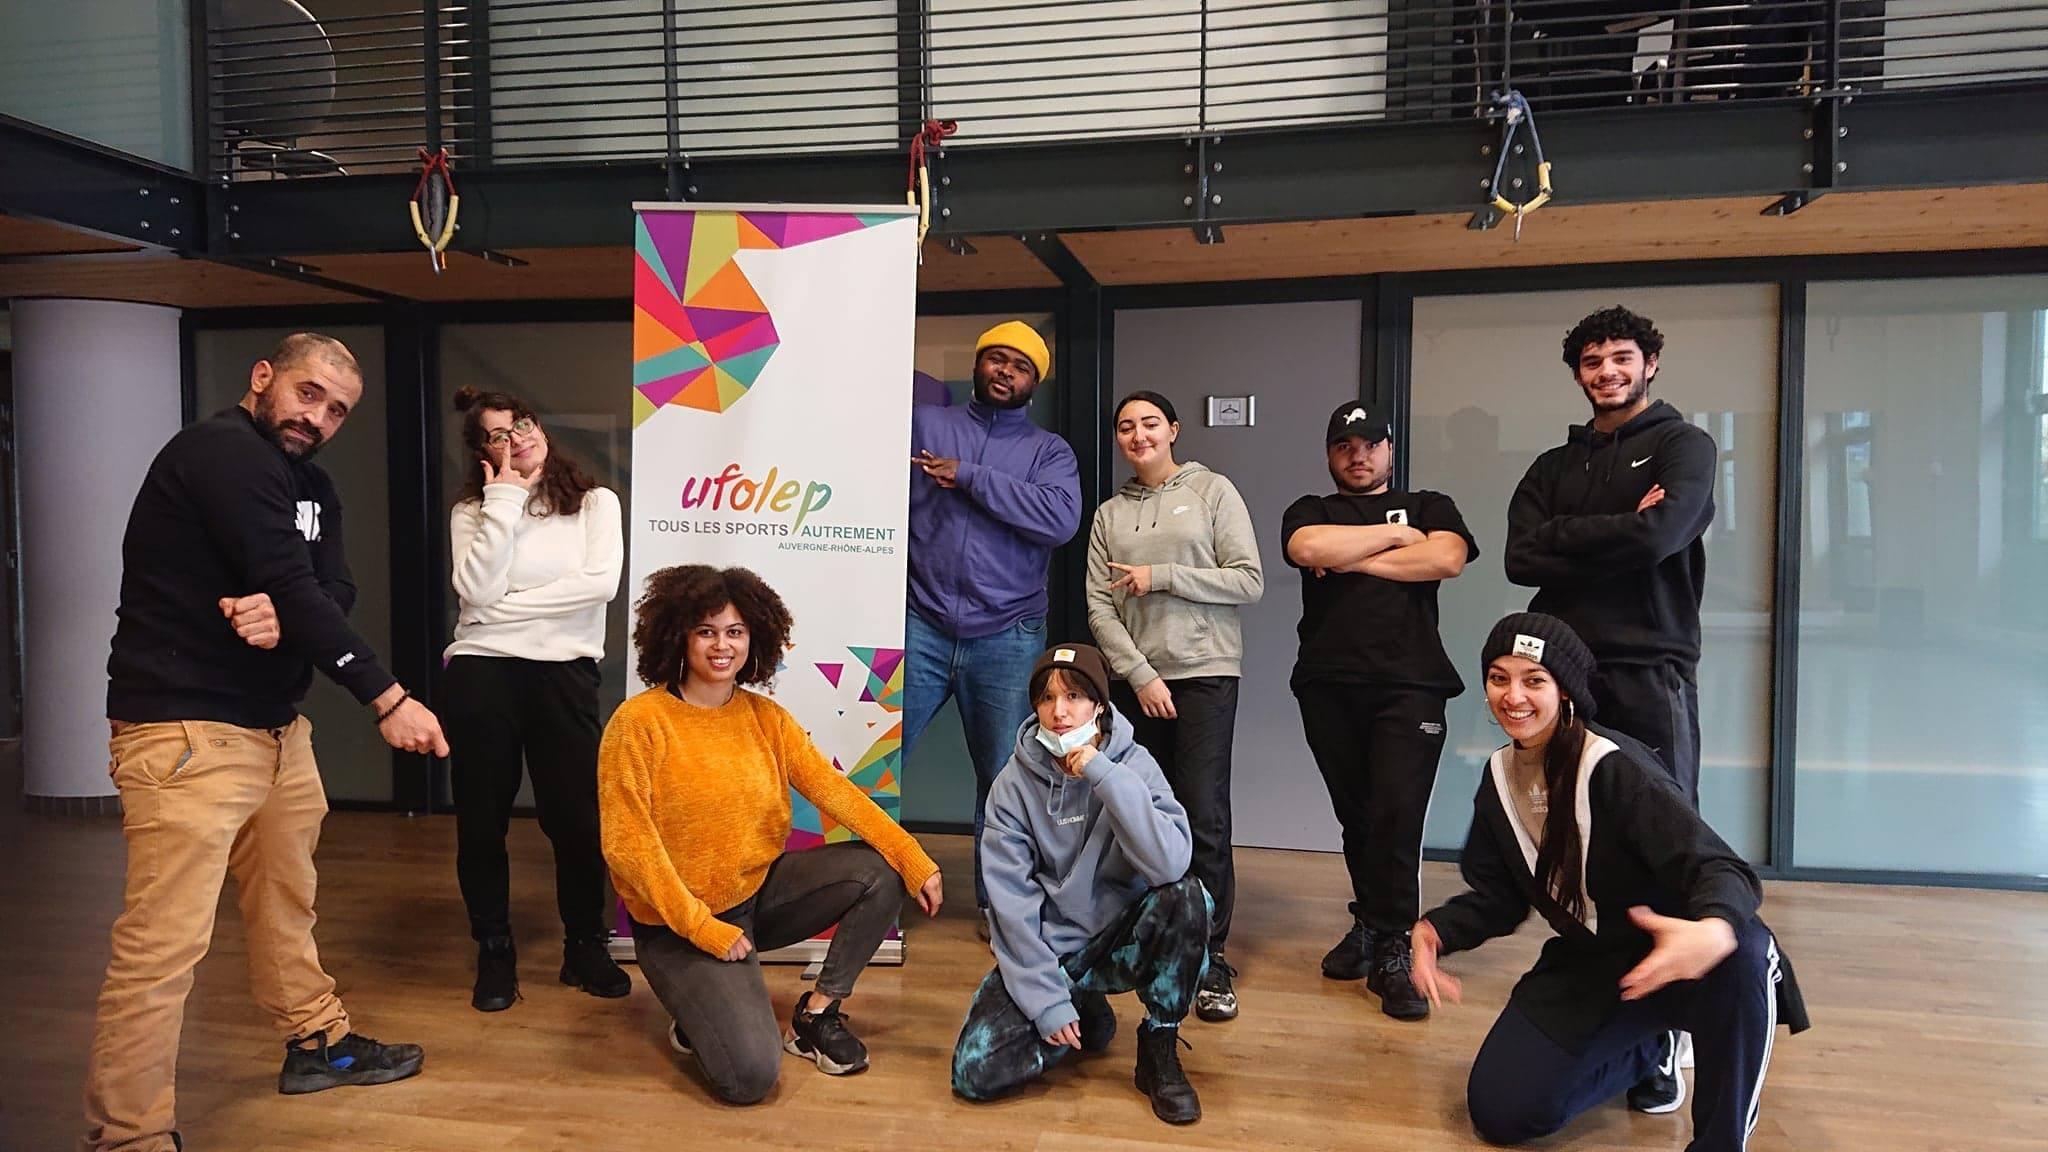 Le break dance bientôt dans l'arène des Jeux olympiques (1/2) : rencontre entre deux univers